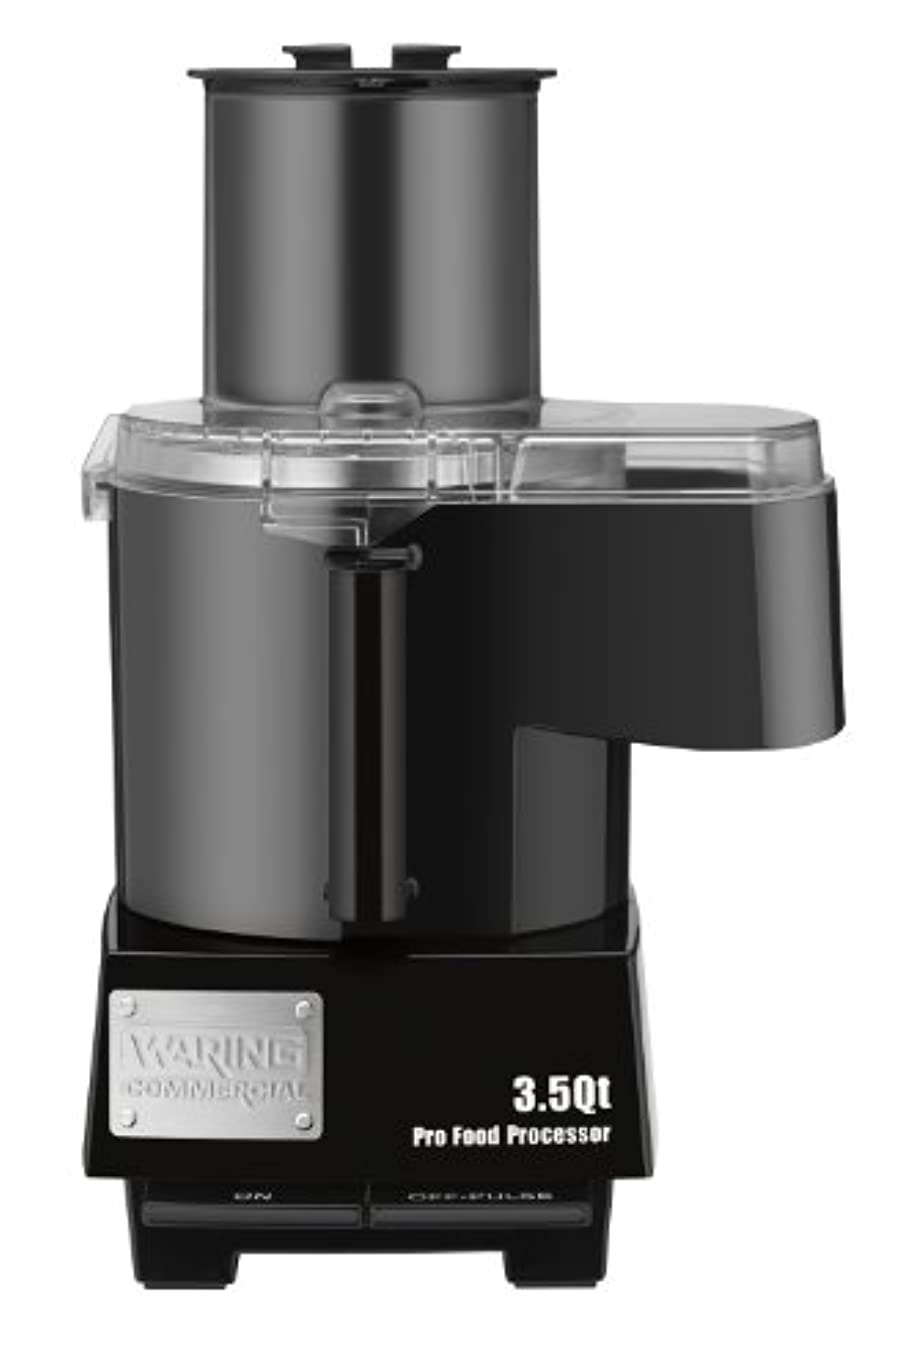 絵圧力プロポーショナルWaring Commercial WFP14SC Batch Bowl and Continuous Food Processor with LiquiLock Seal System, 3-1/2-Quart by Waring